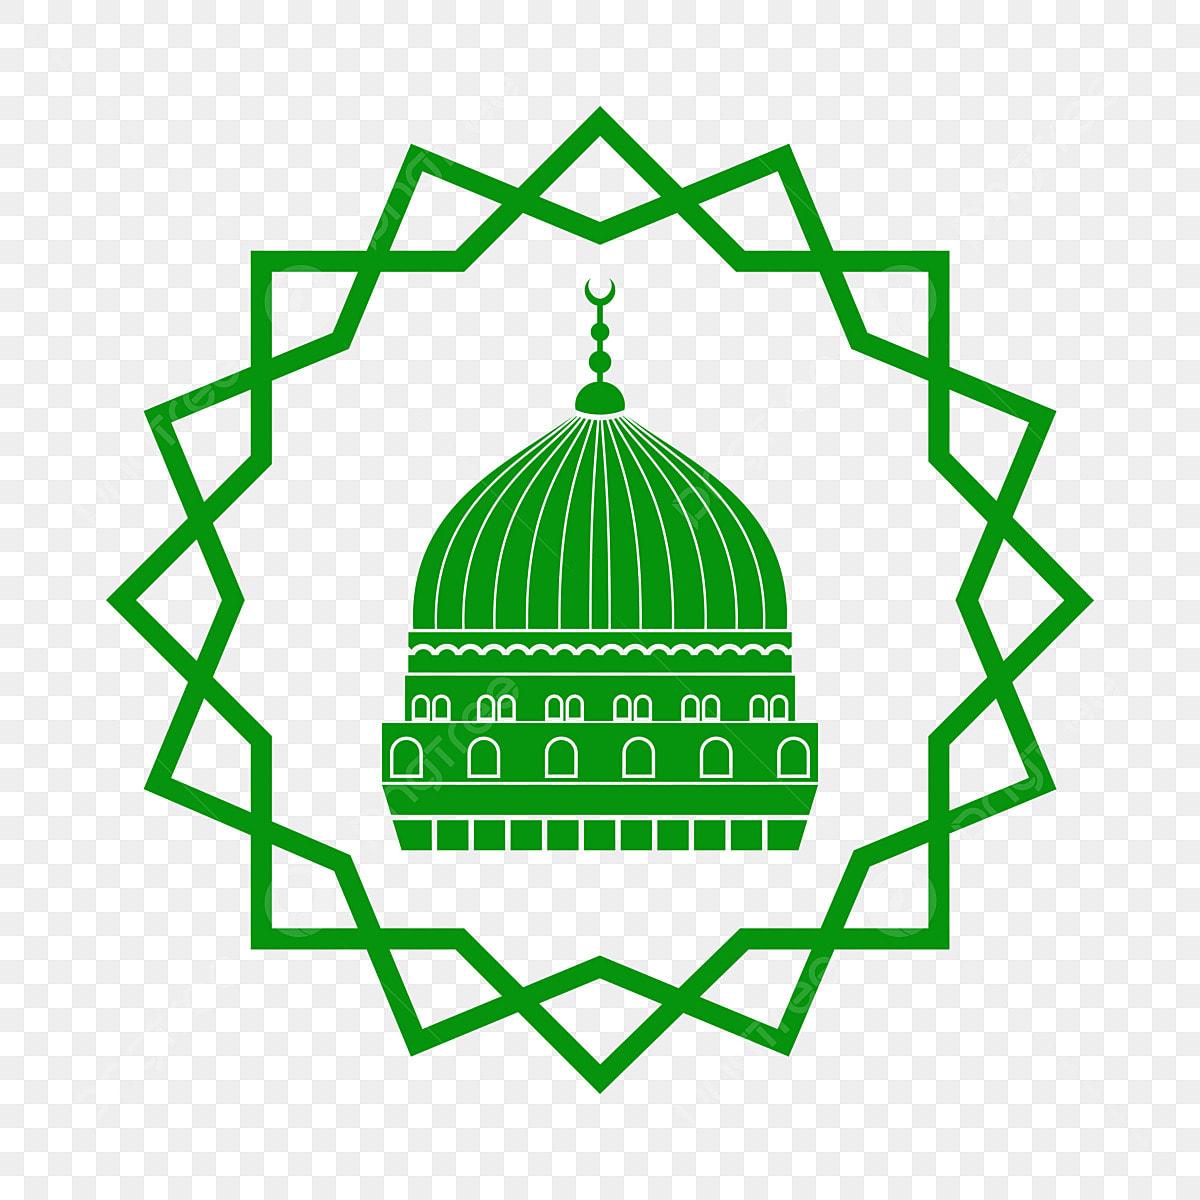 Gambar Corak Geometri Dengan Kubah Masjid Pengguna Madinah Warna Hijau Simbol Indah Festival Png Dan Vektor Untuk Muat Turun Percuma